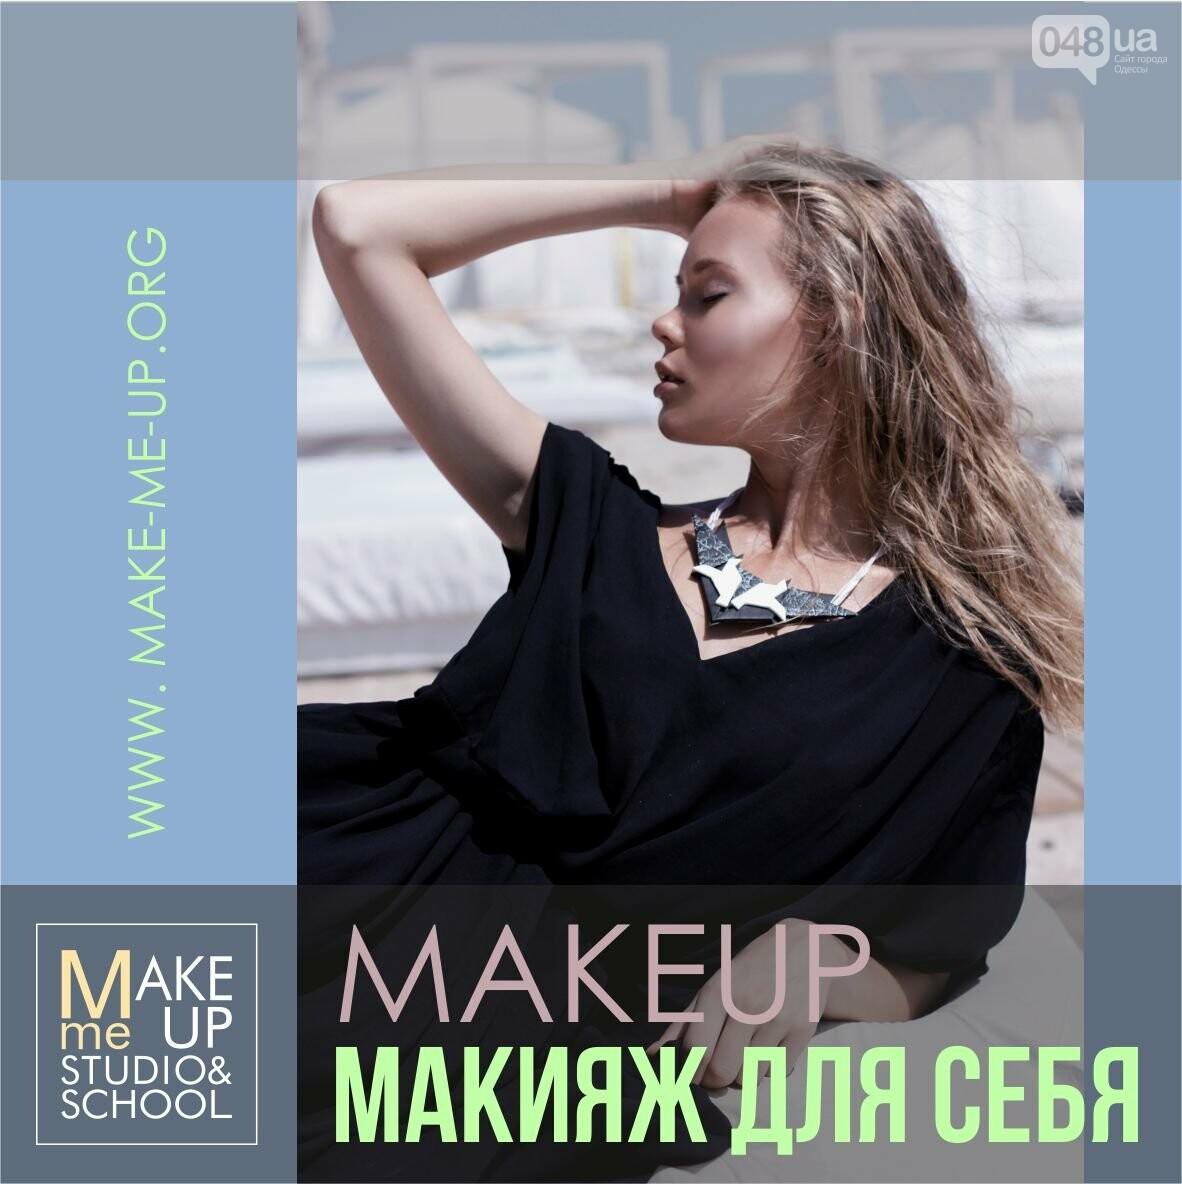 Курсы красоты в Одессе: визаж, макияж, маникюр и педикюр, фото-25